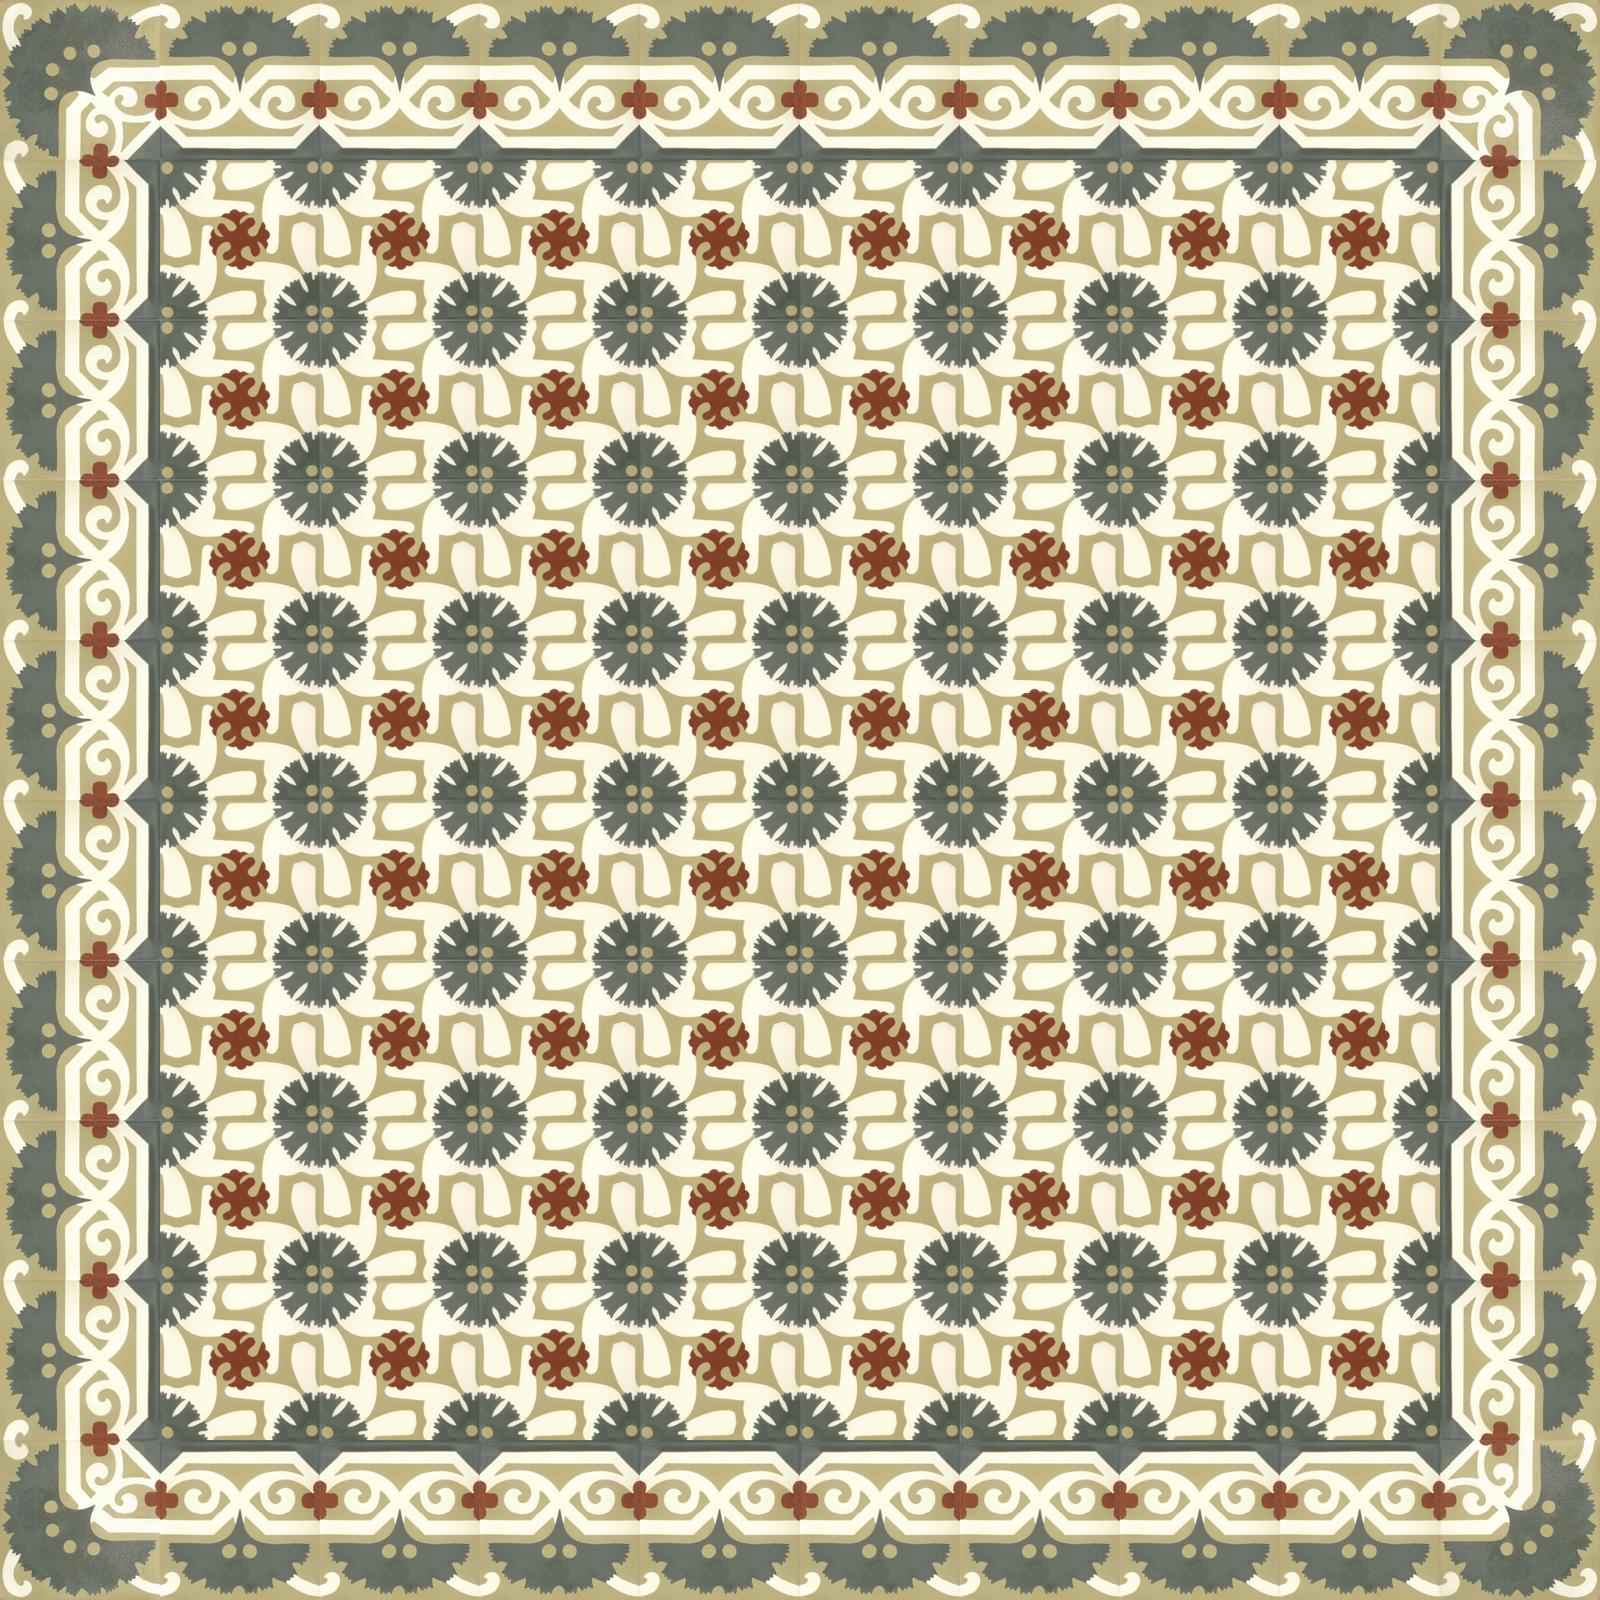 zementmosaikplatten-nr.51074-viaplatten | 53074